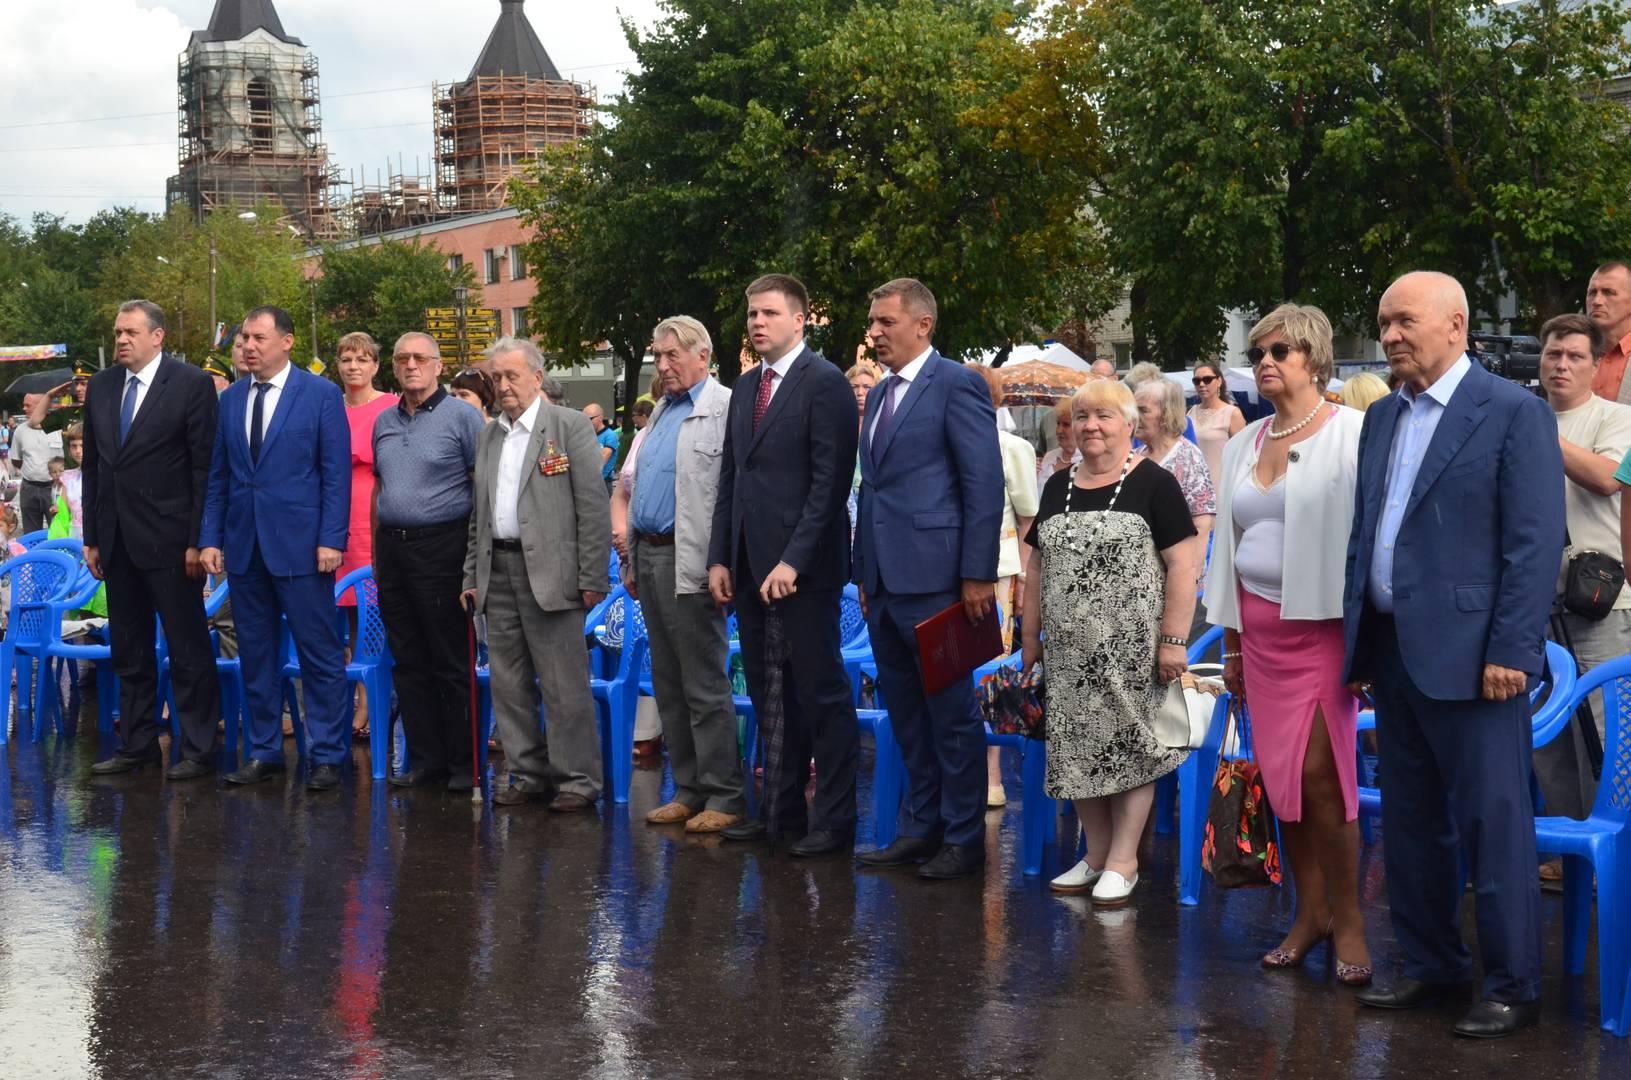 Представители властей и почетные граждане города Луги